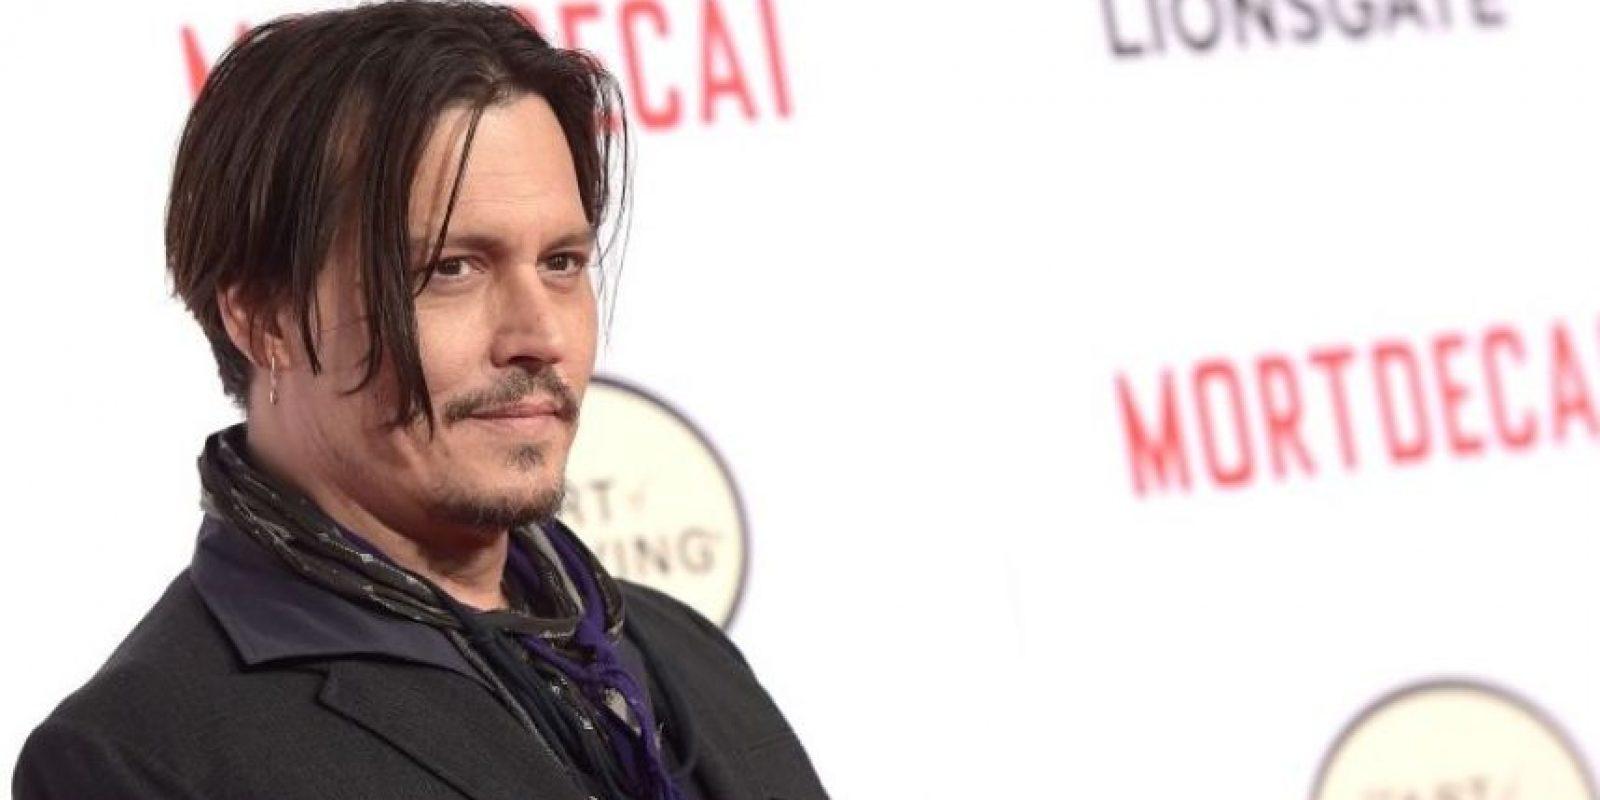 """Johnny Depp habló de qué pasaría si sus hijos experimentaran con la marihuana. """"Si deciden probar marihuana cuando sean mayores, prefiero ser su proveedor, ya que en la calle nunca sabes si estás recibiendo de la buena"""", aseguró a la revista """"GQ"""" Foto:Getty Images"""